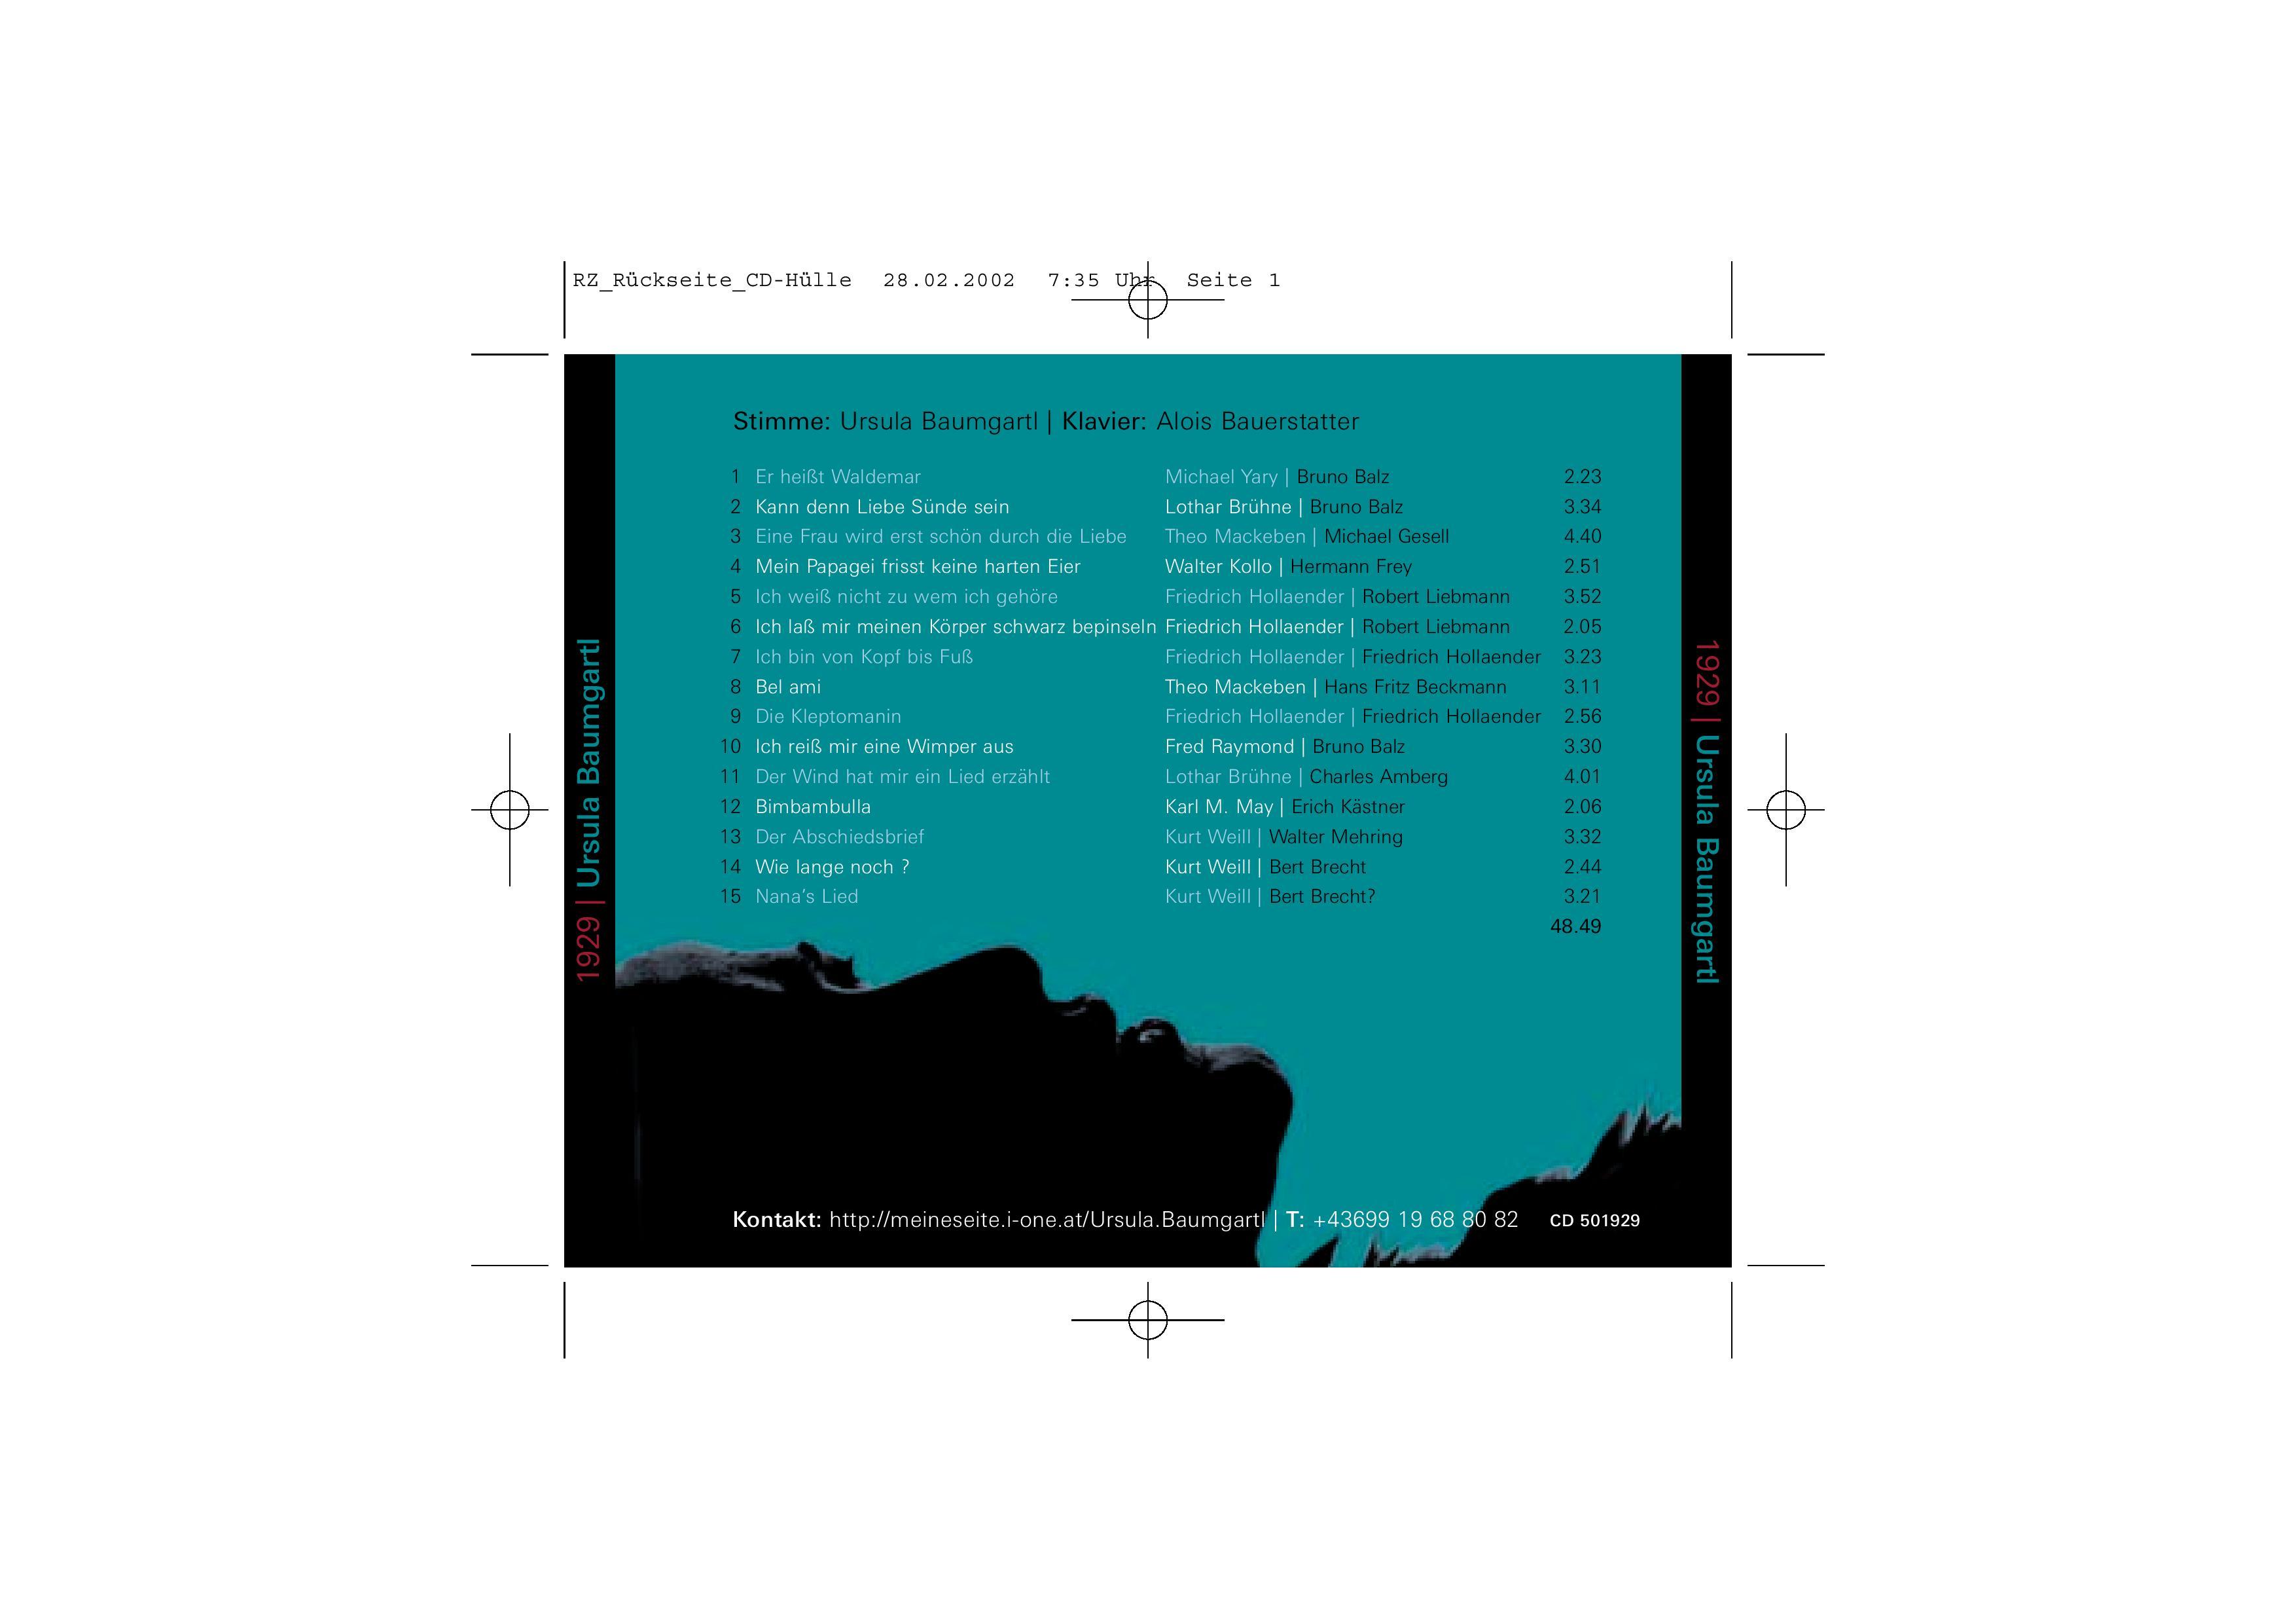 RZ_Rückseite_CD-Hülle-page-001